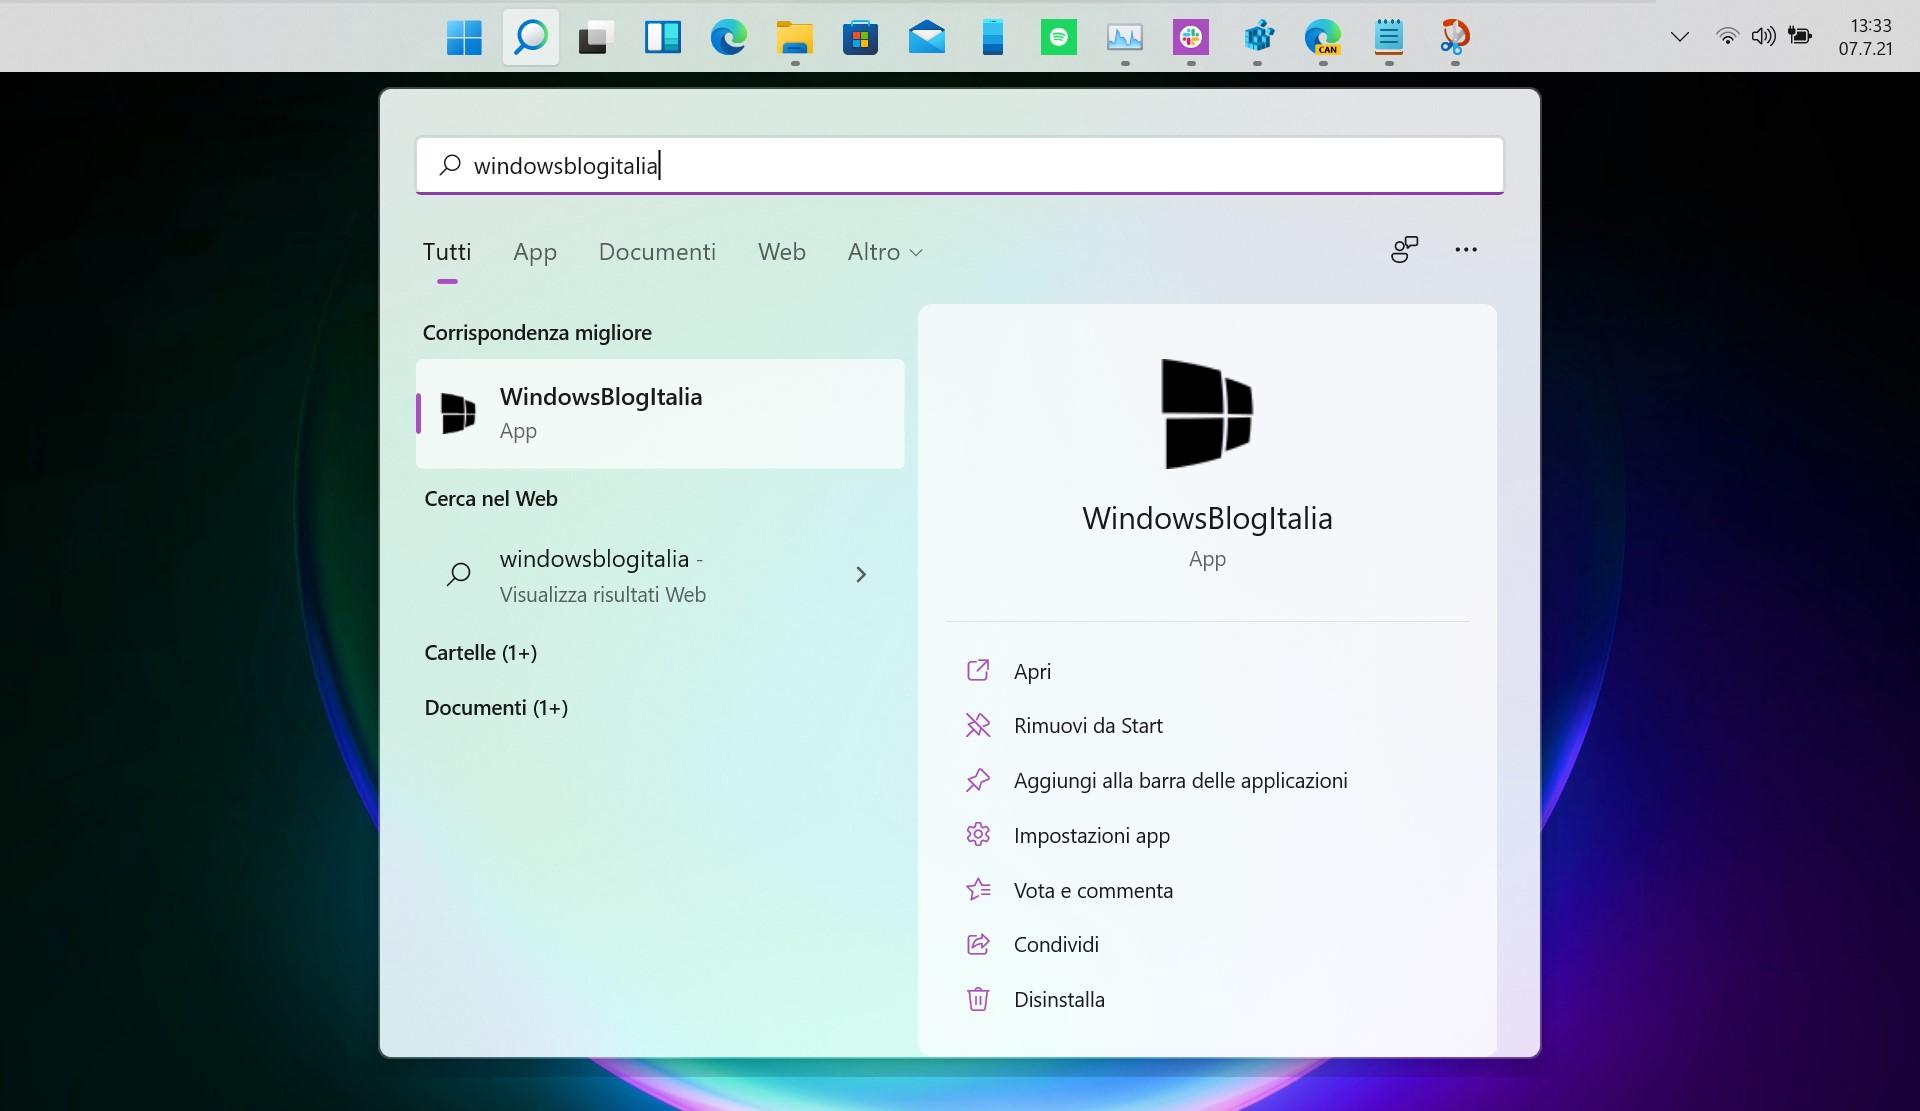 Windows 11 Build 22000.51 - Barra delle applicazioni in alto